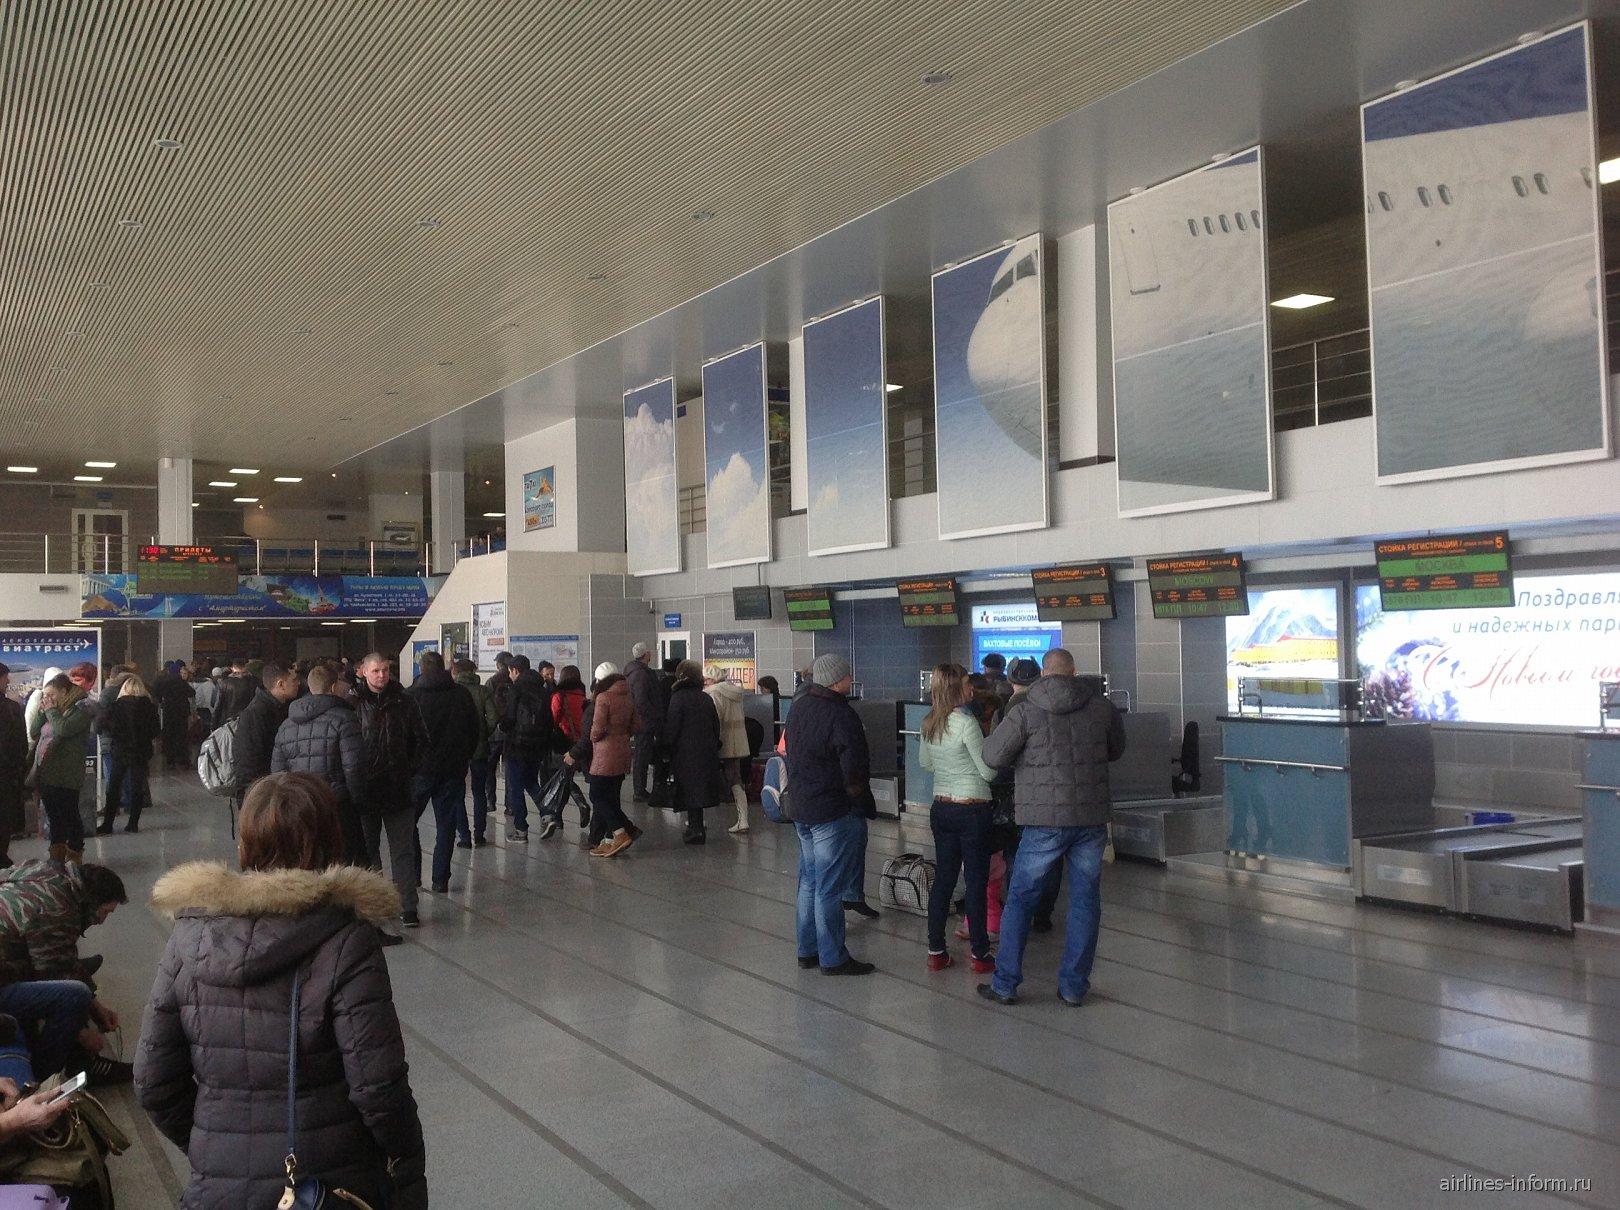 Стойки регистрации в аэропорту Благовещенск Игнатьево